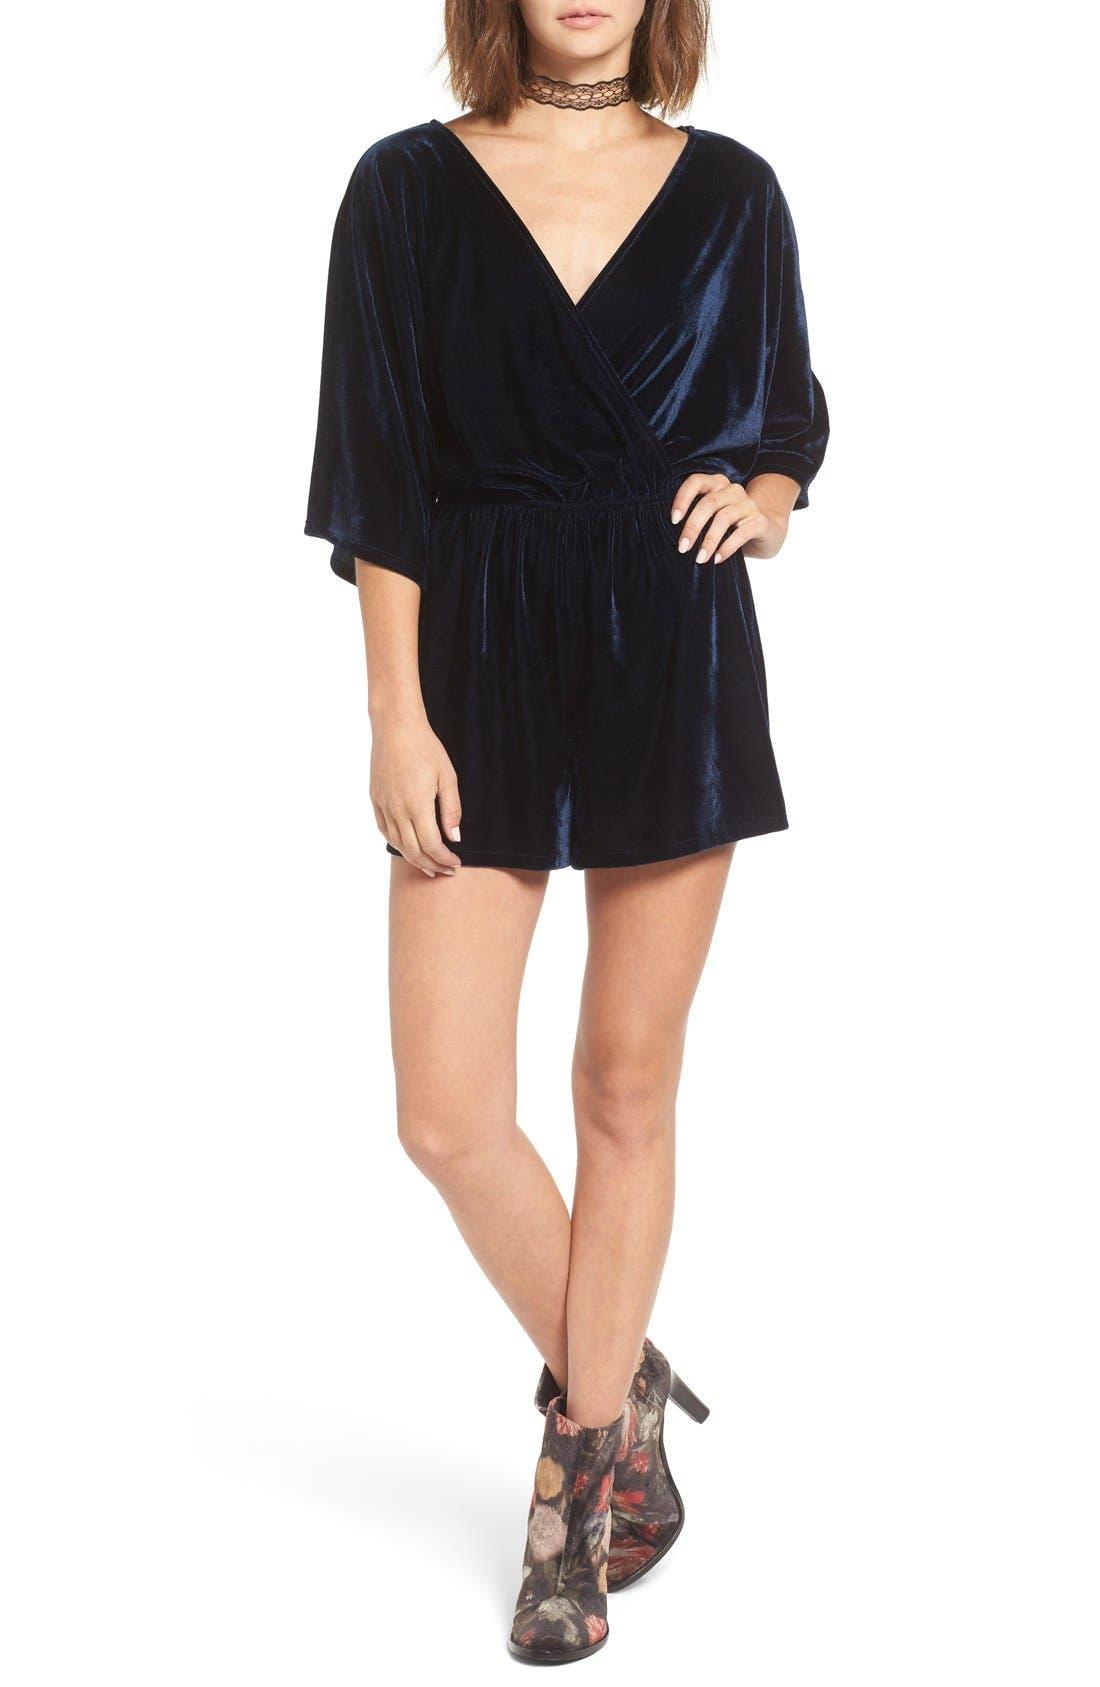 Alternate Image 1 Selected - One Clothing Surplice Velvet Romper